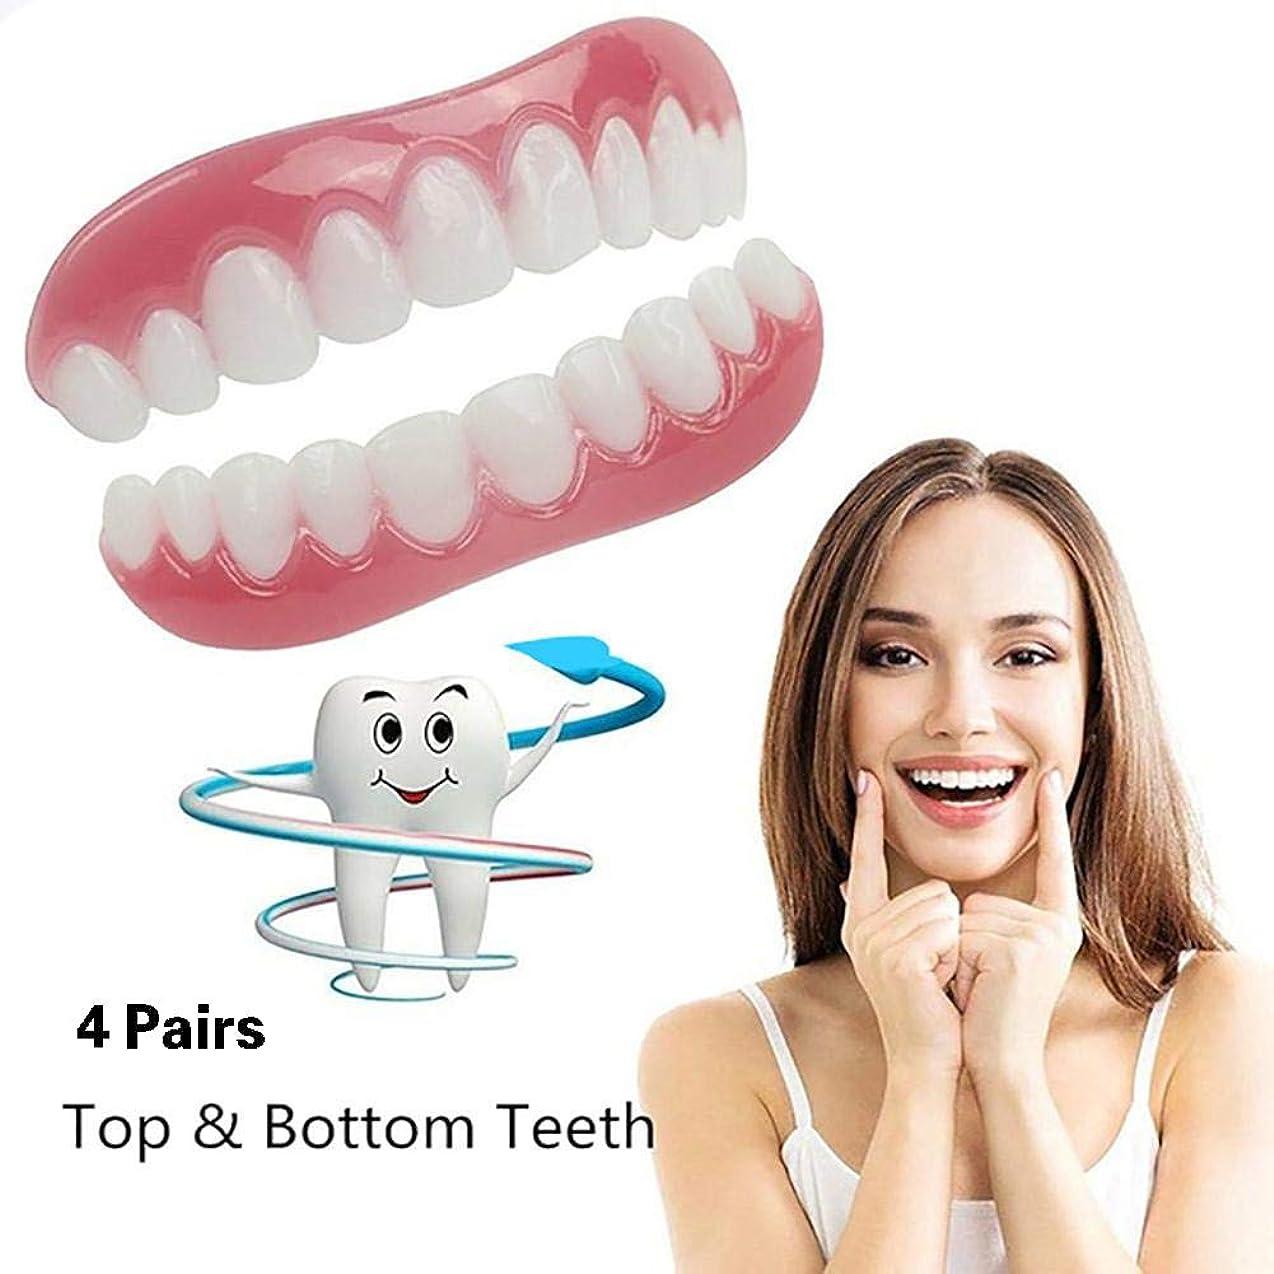 抜け目のない犠牲芸術的8本のシリコーンの歯のベニヤ化粧品の歯のスナップオンセキュアアッパーローフレックス歯科用ベニヤ義歯ケアホワイトニングパーフェクトトゥースワンサイズフィットすべて